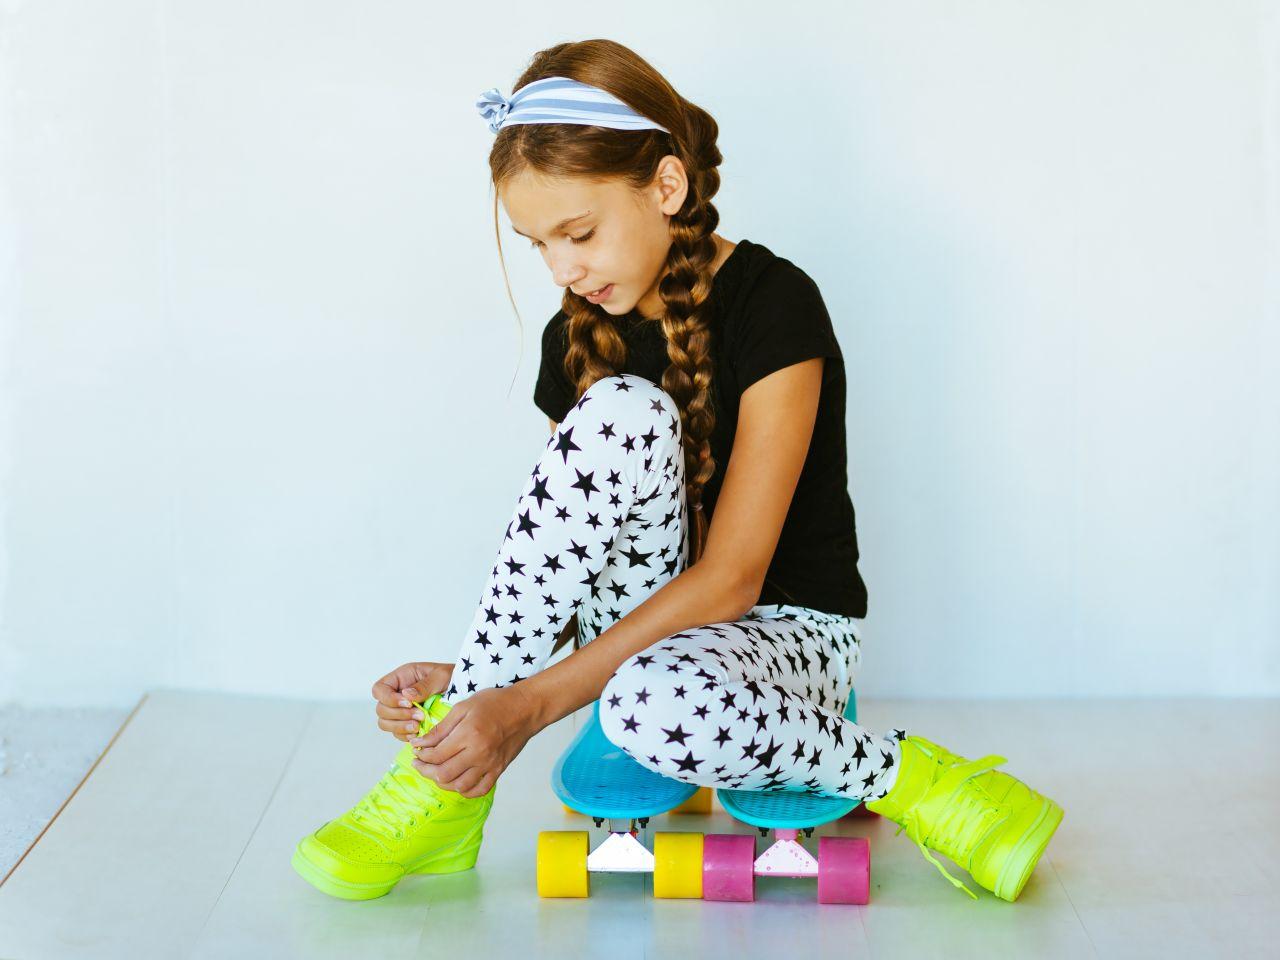 Buty sportowe, które spełnią oczekiwania naszych dzieciaków